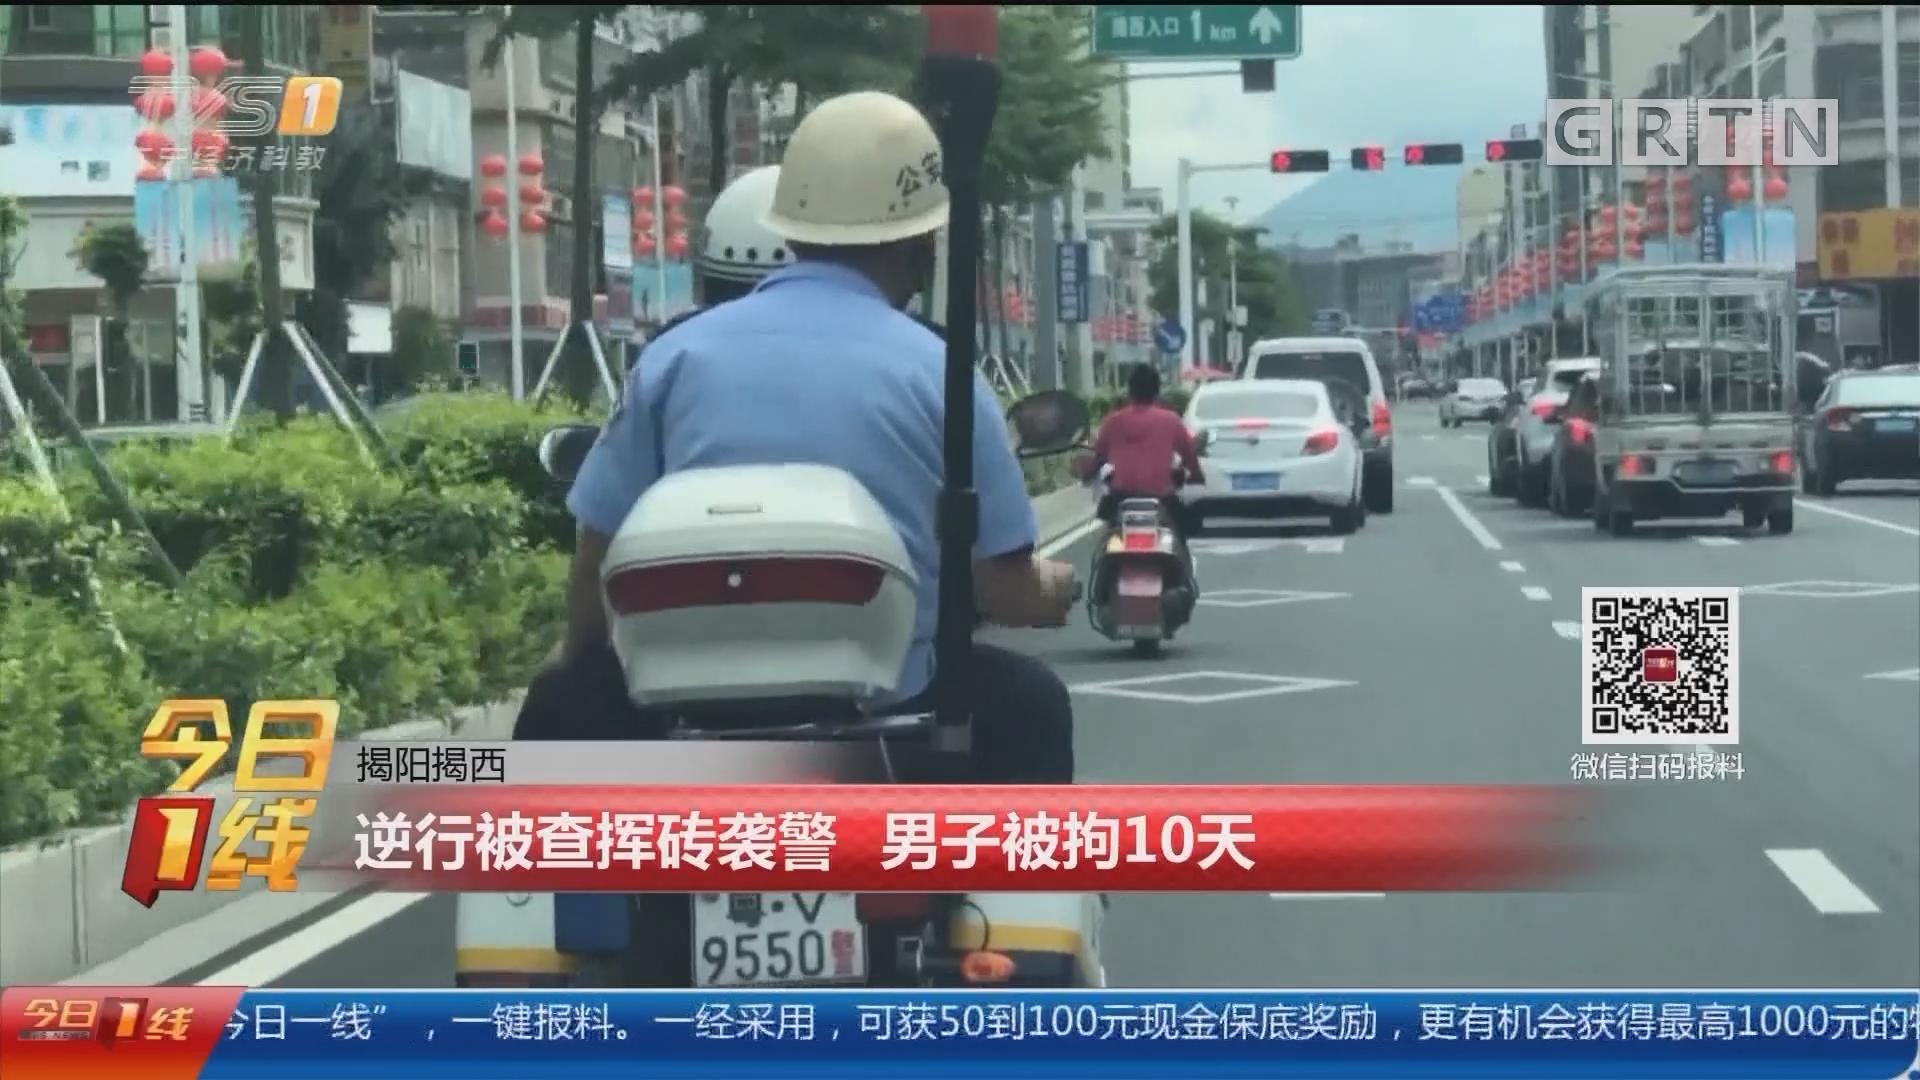 揭阳揭西:逆行被查挥砖袭警 男子被拘10天